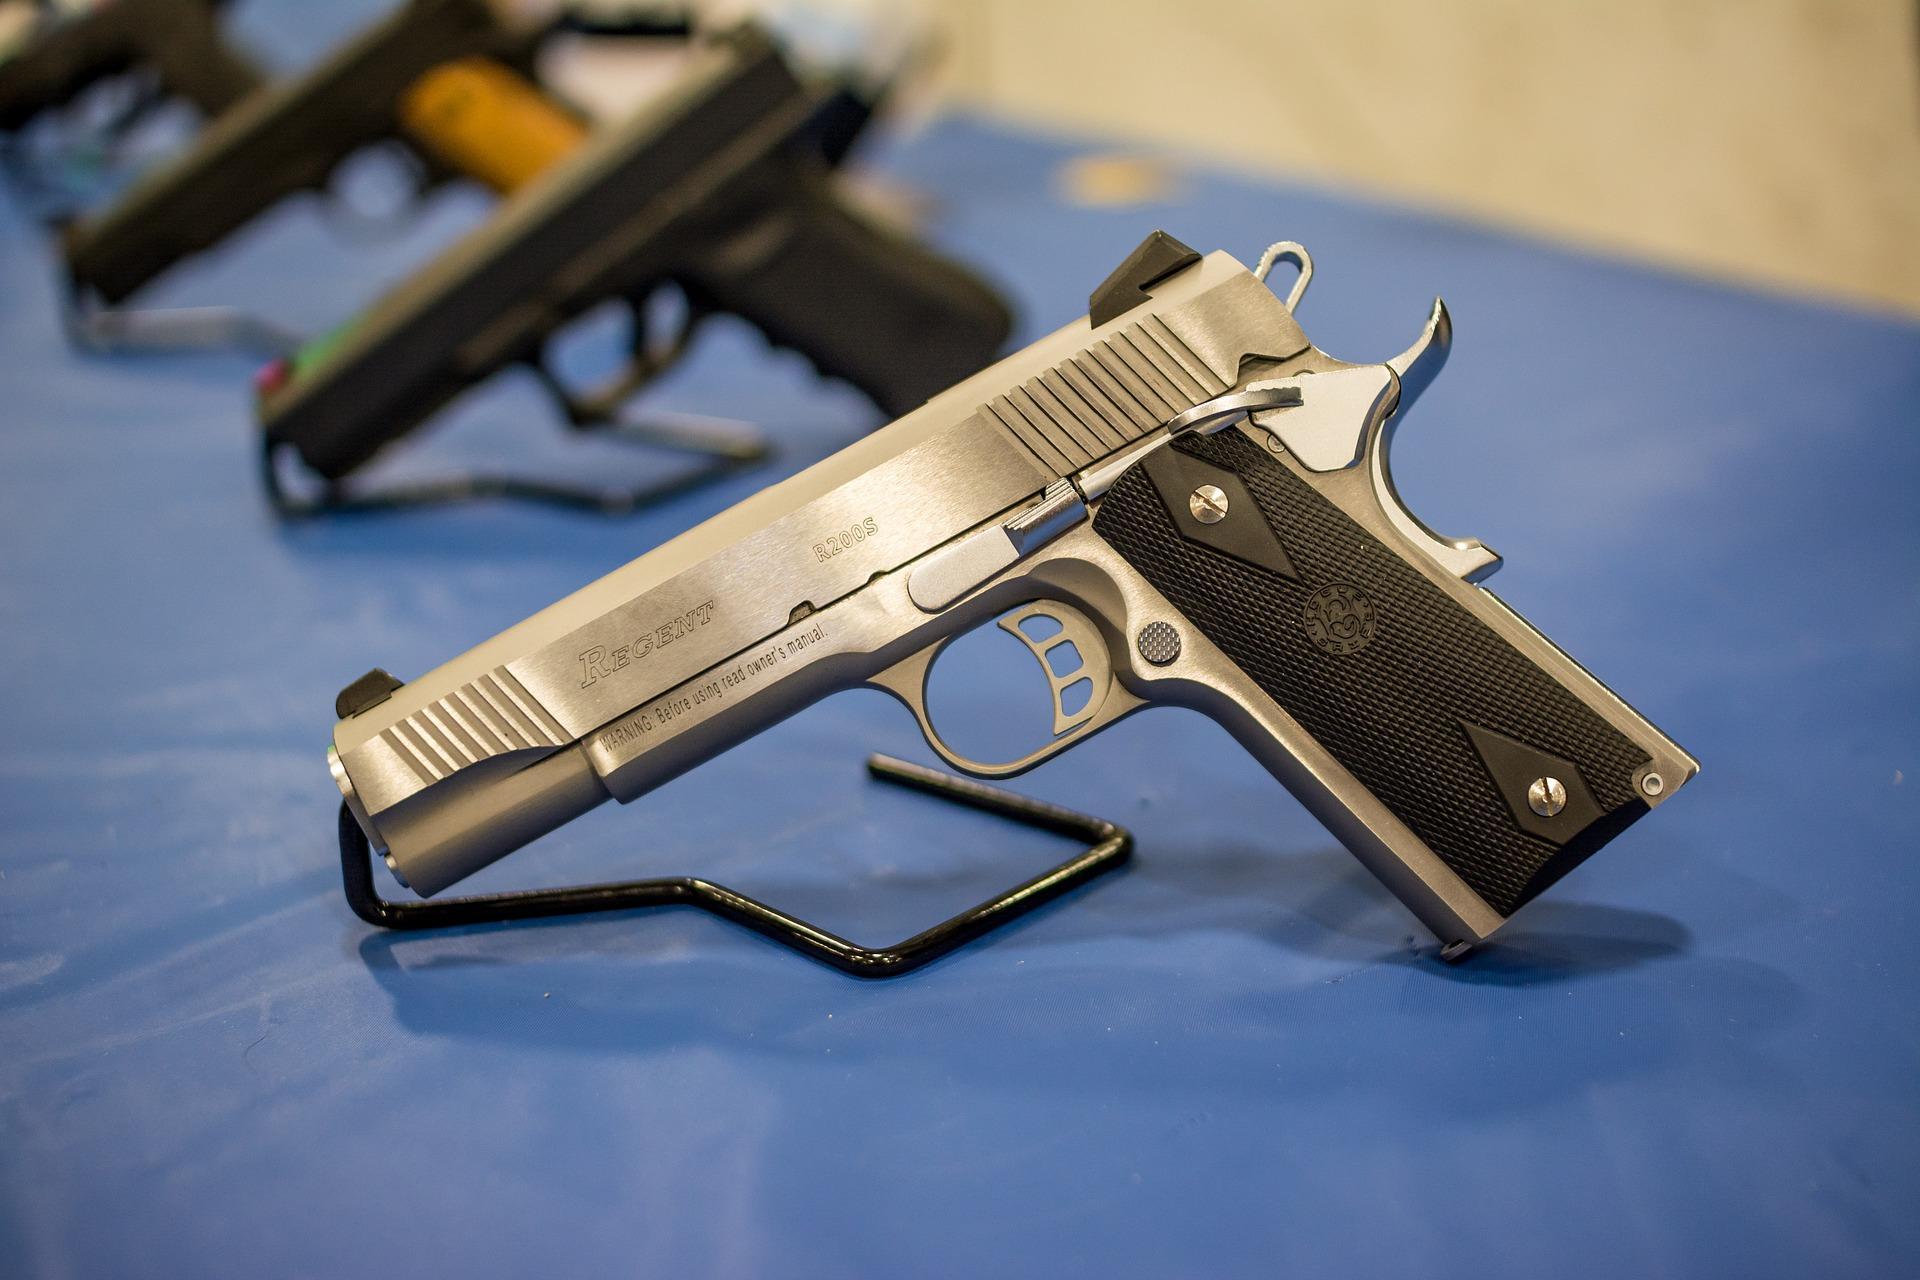 Das Verbot des Waffenbesitzes und des Waffenerwerbs